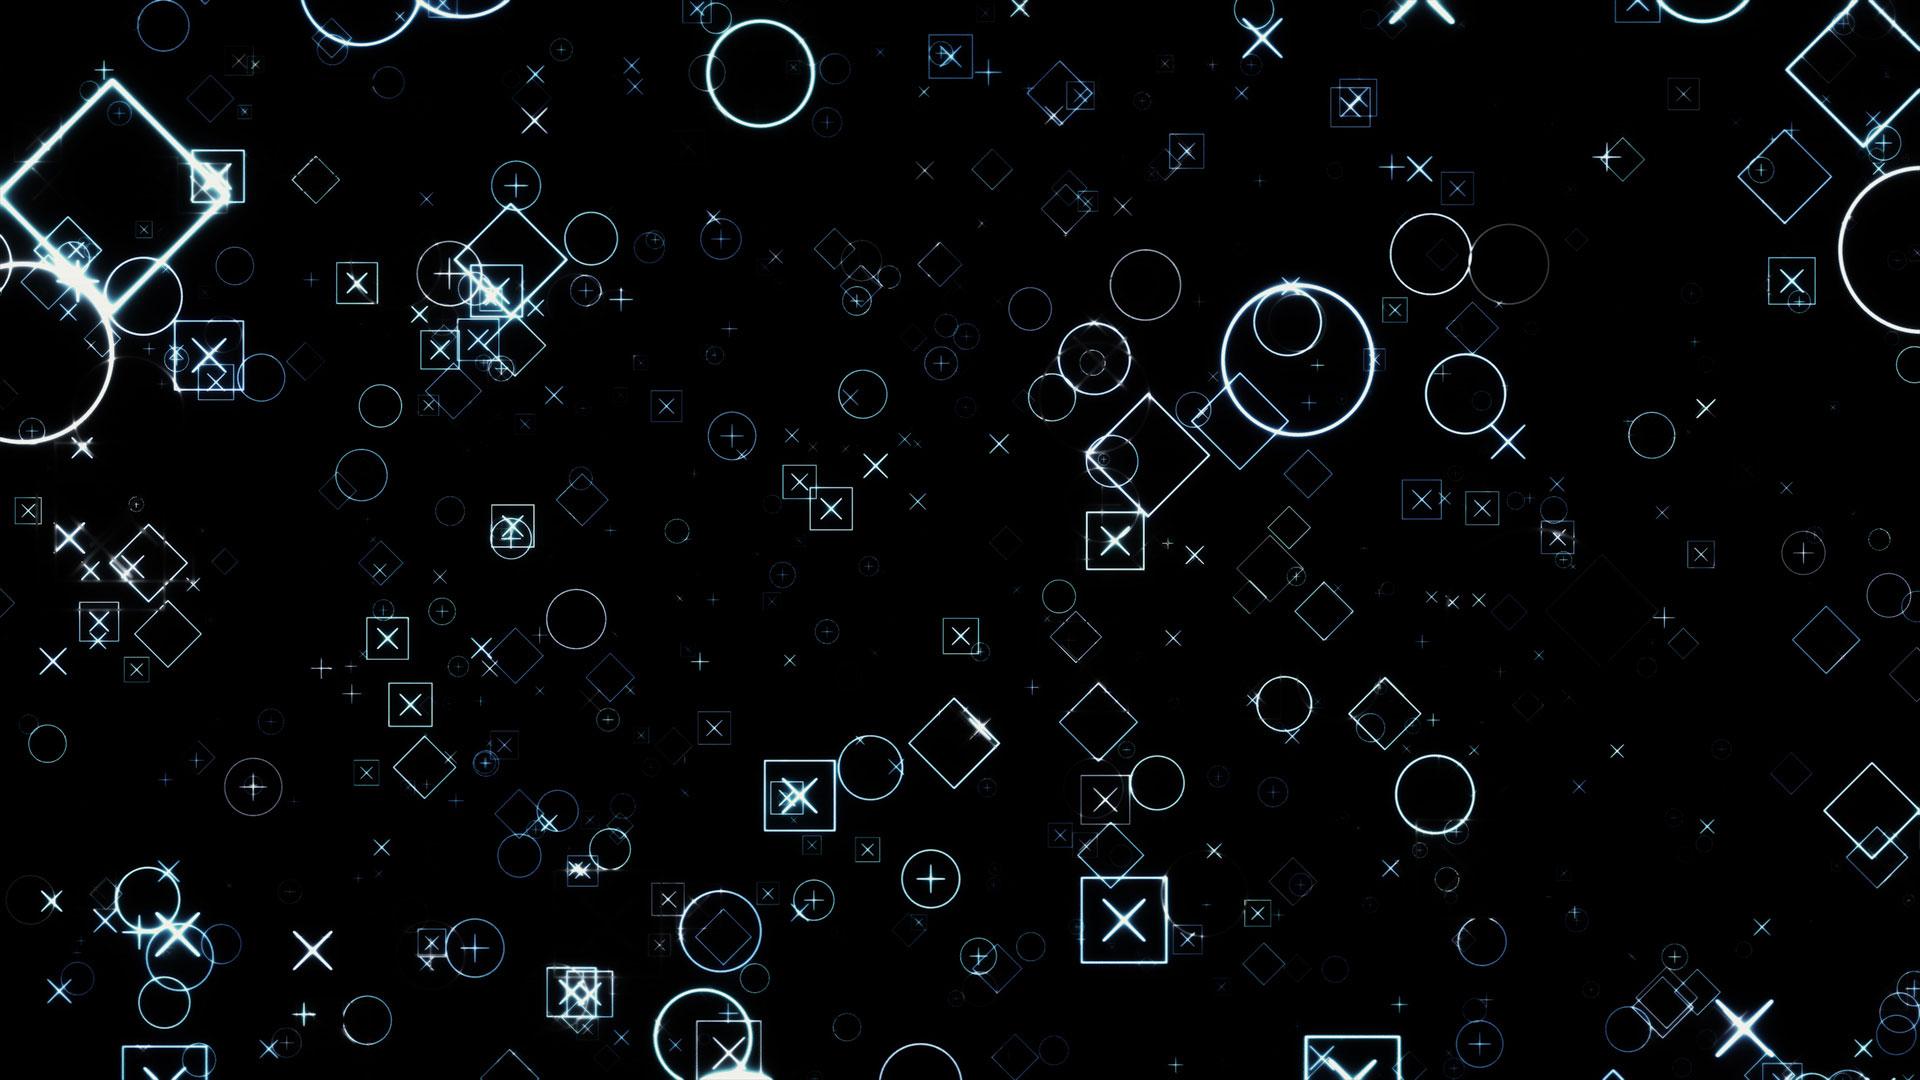 KZ_Cyberspace_05_Still003